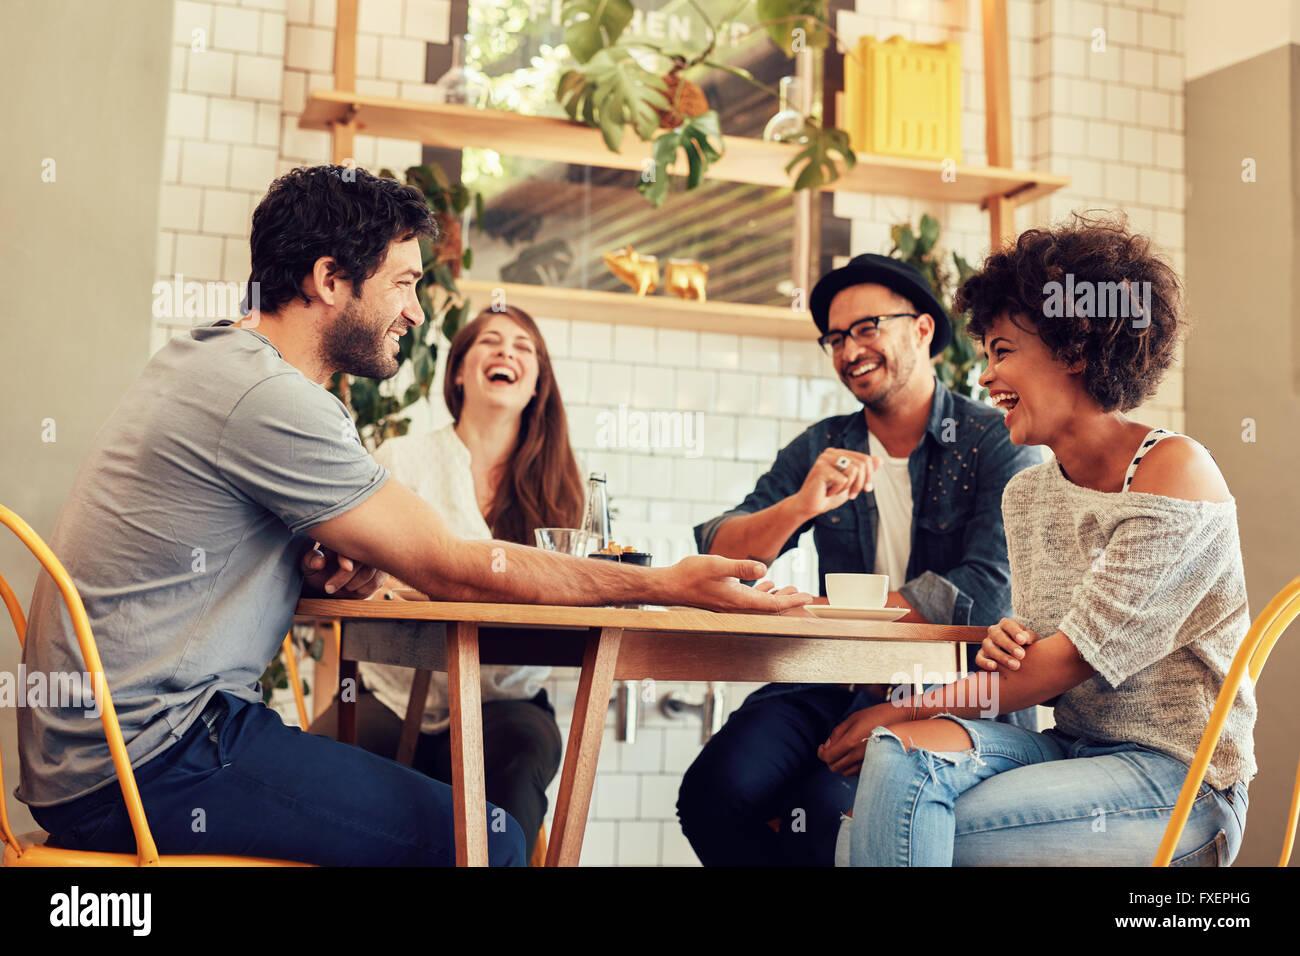 Junge Freunde, eine tolle Zeit im Restaurant. Gruppe von Jugendlichen in einem Café sitzen und Lächeln Stockbild